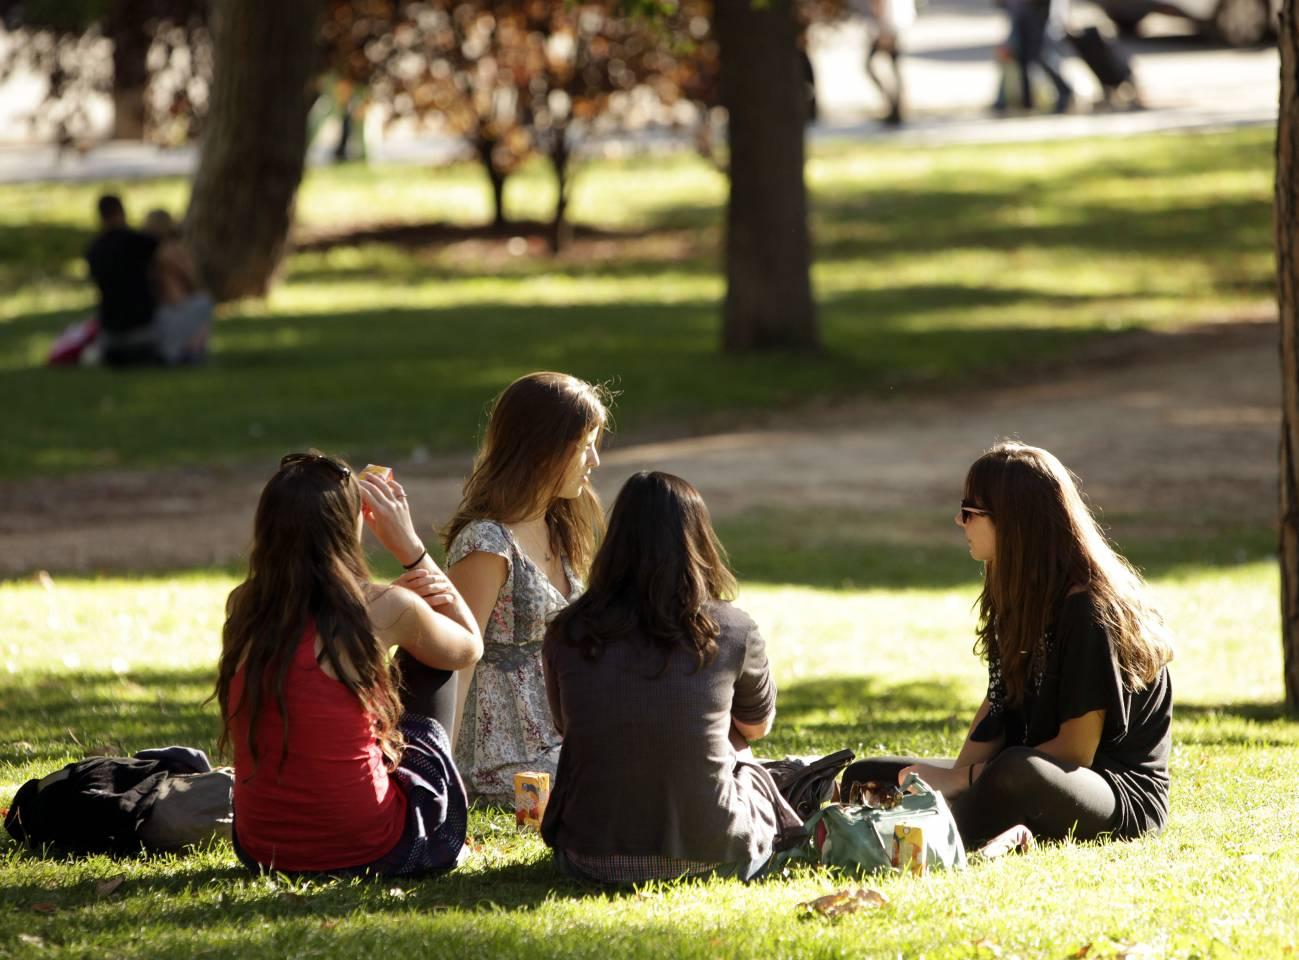 El 35% de las chicas adolescentes busca sobre todo afecto en sus relaciones sexuales